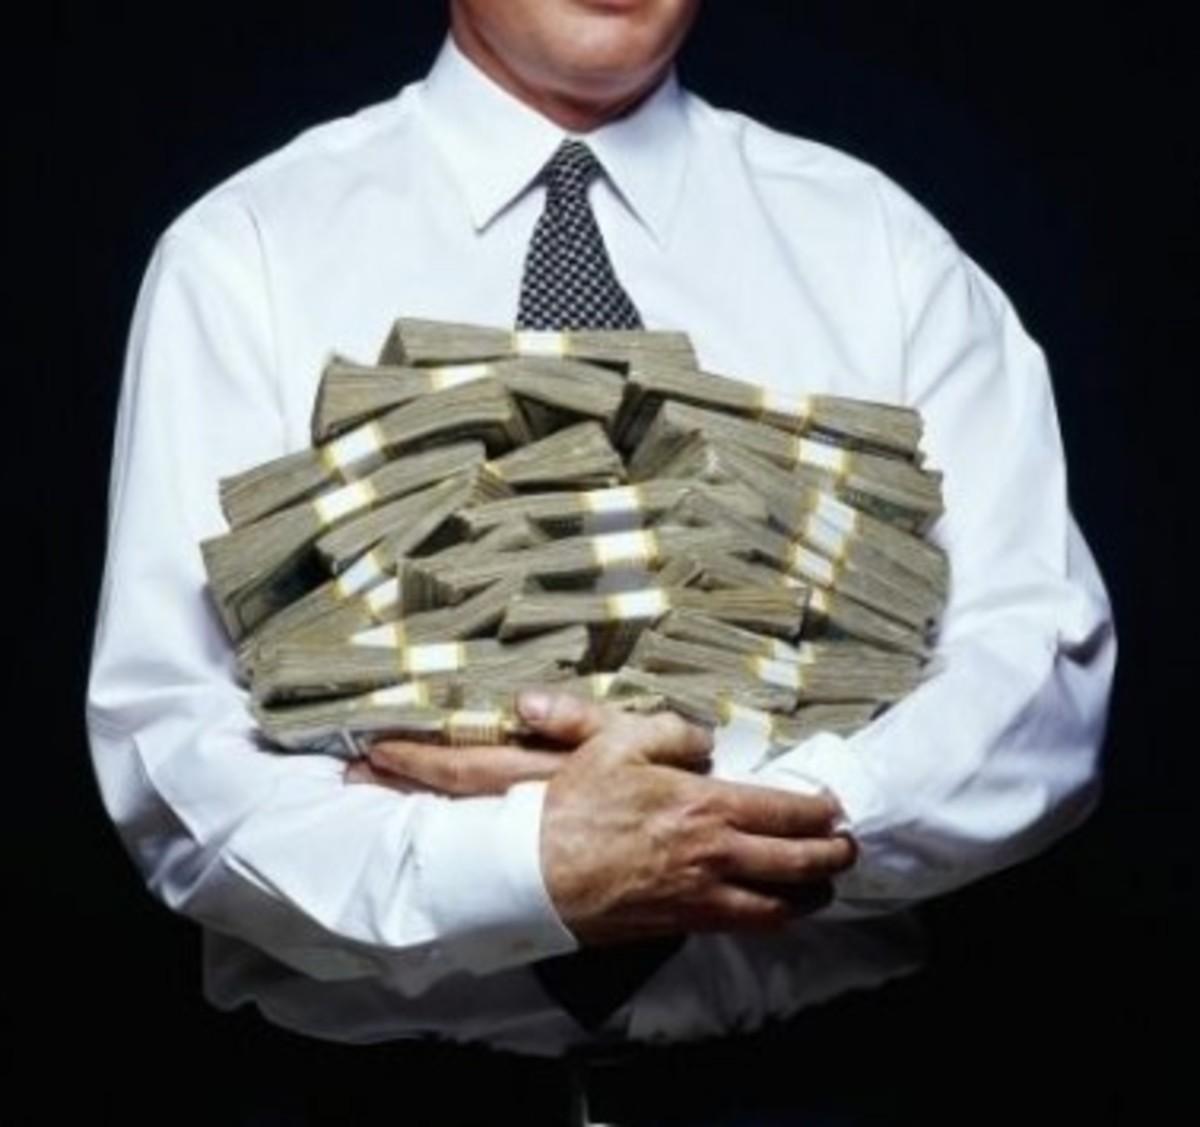 Εύβοια: Έγινε… πλούσιος και τον ψάχνει ακόμα και η γυναίκα του! | Newsit.gr